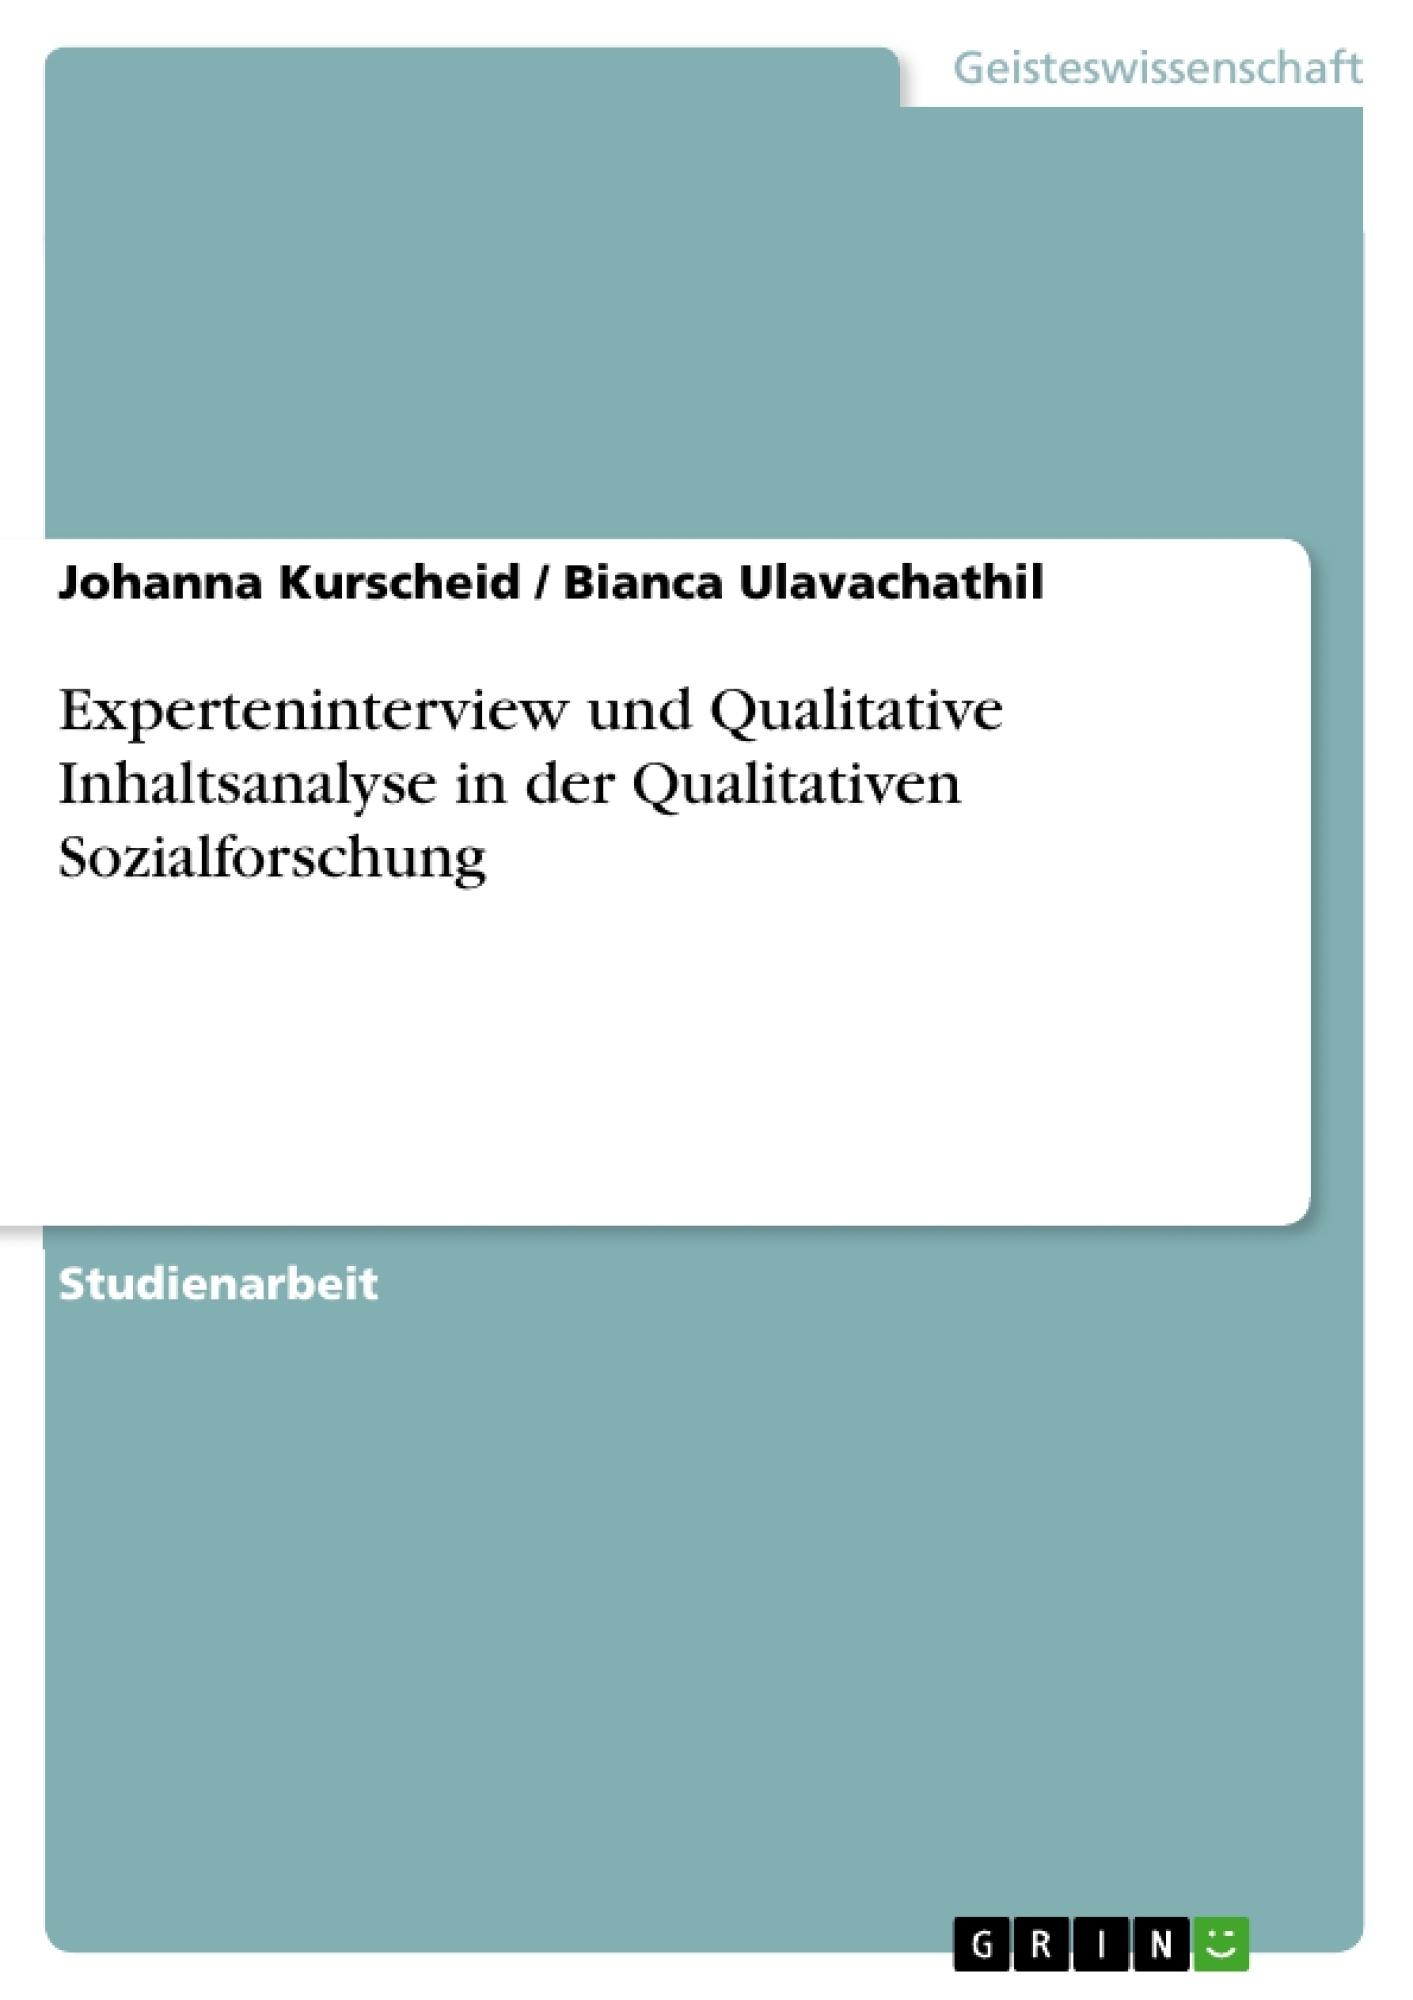 Titel: Experteninterview und Qualitative Inhaltsanalyse in der Qualitativen Sozialforschung